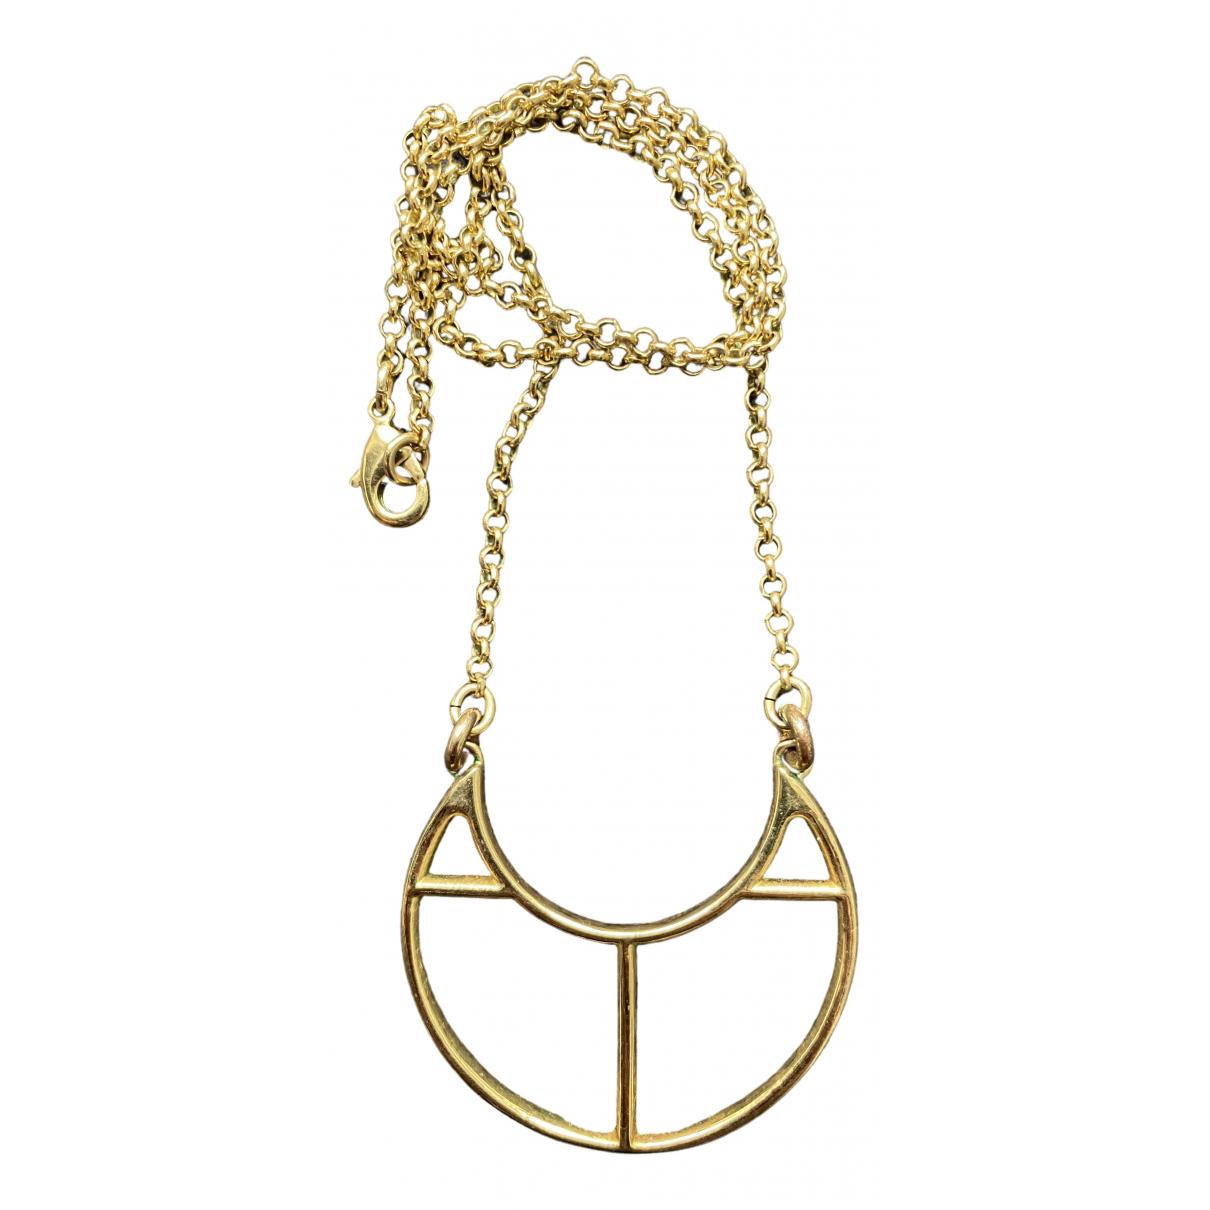 Lizzie Fortunato \N Kette in  Gold Vergoldet